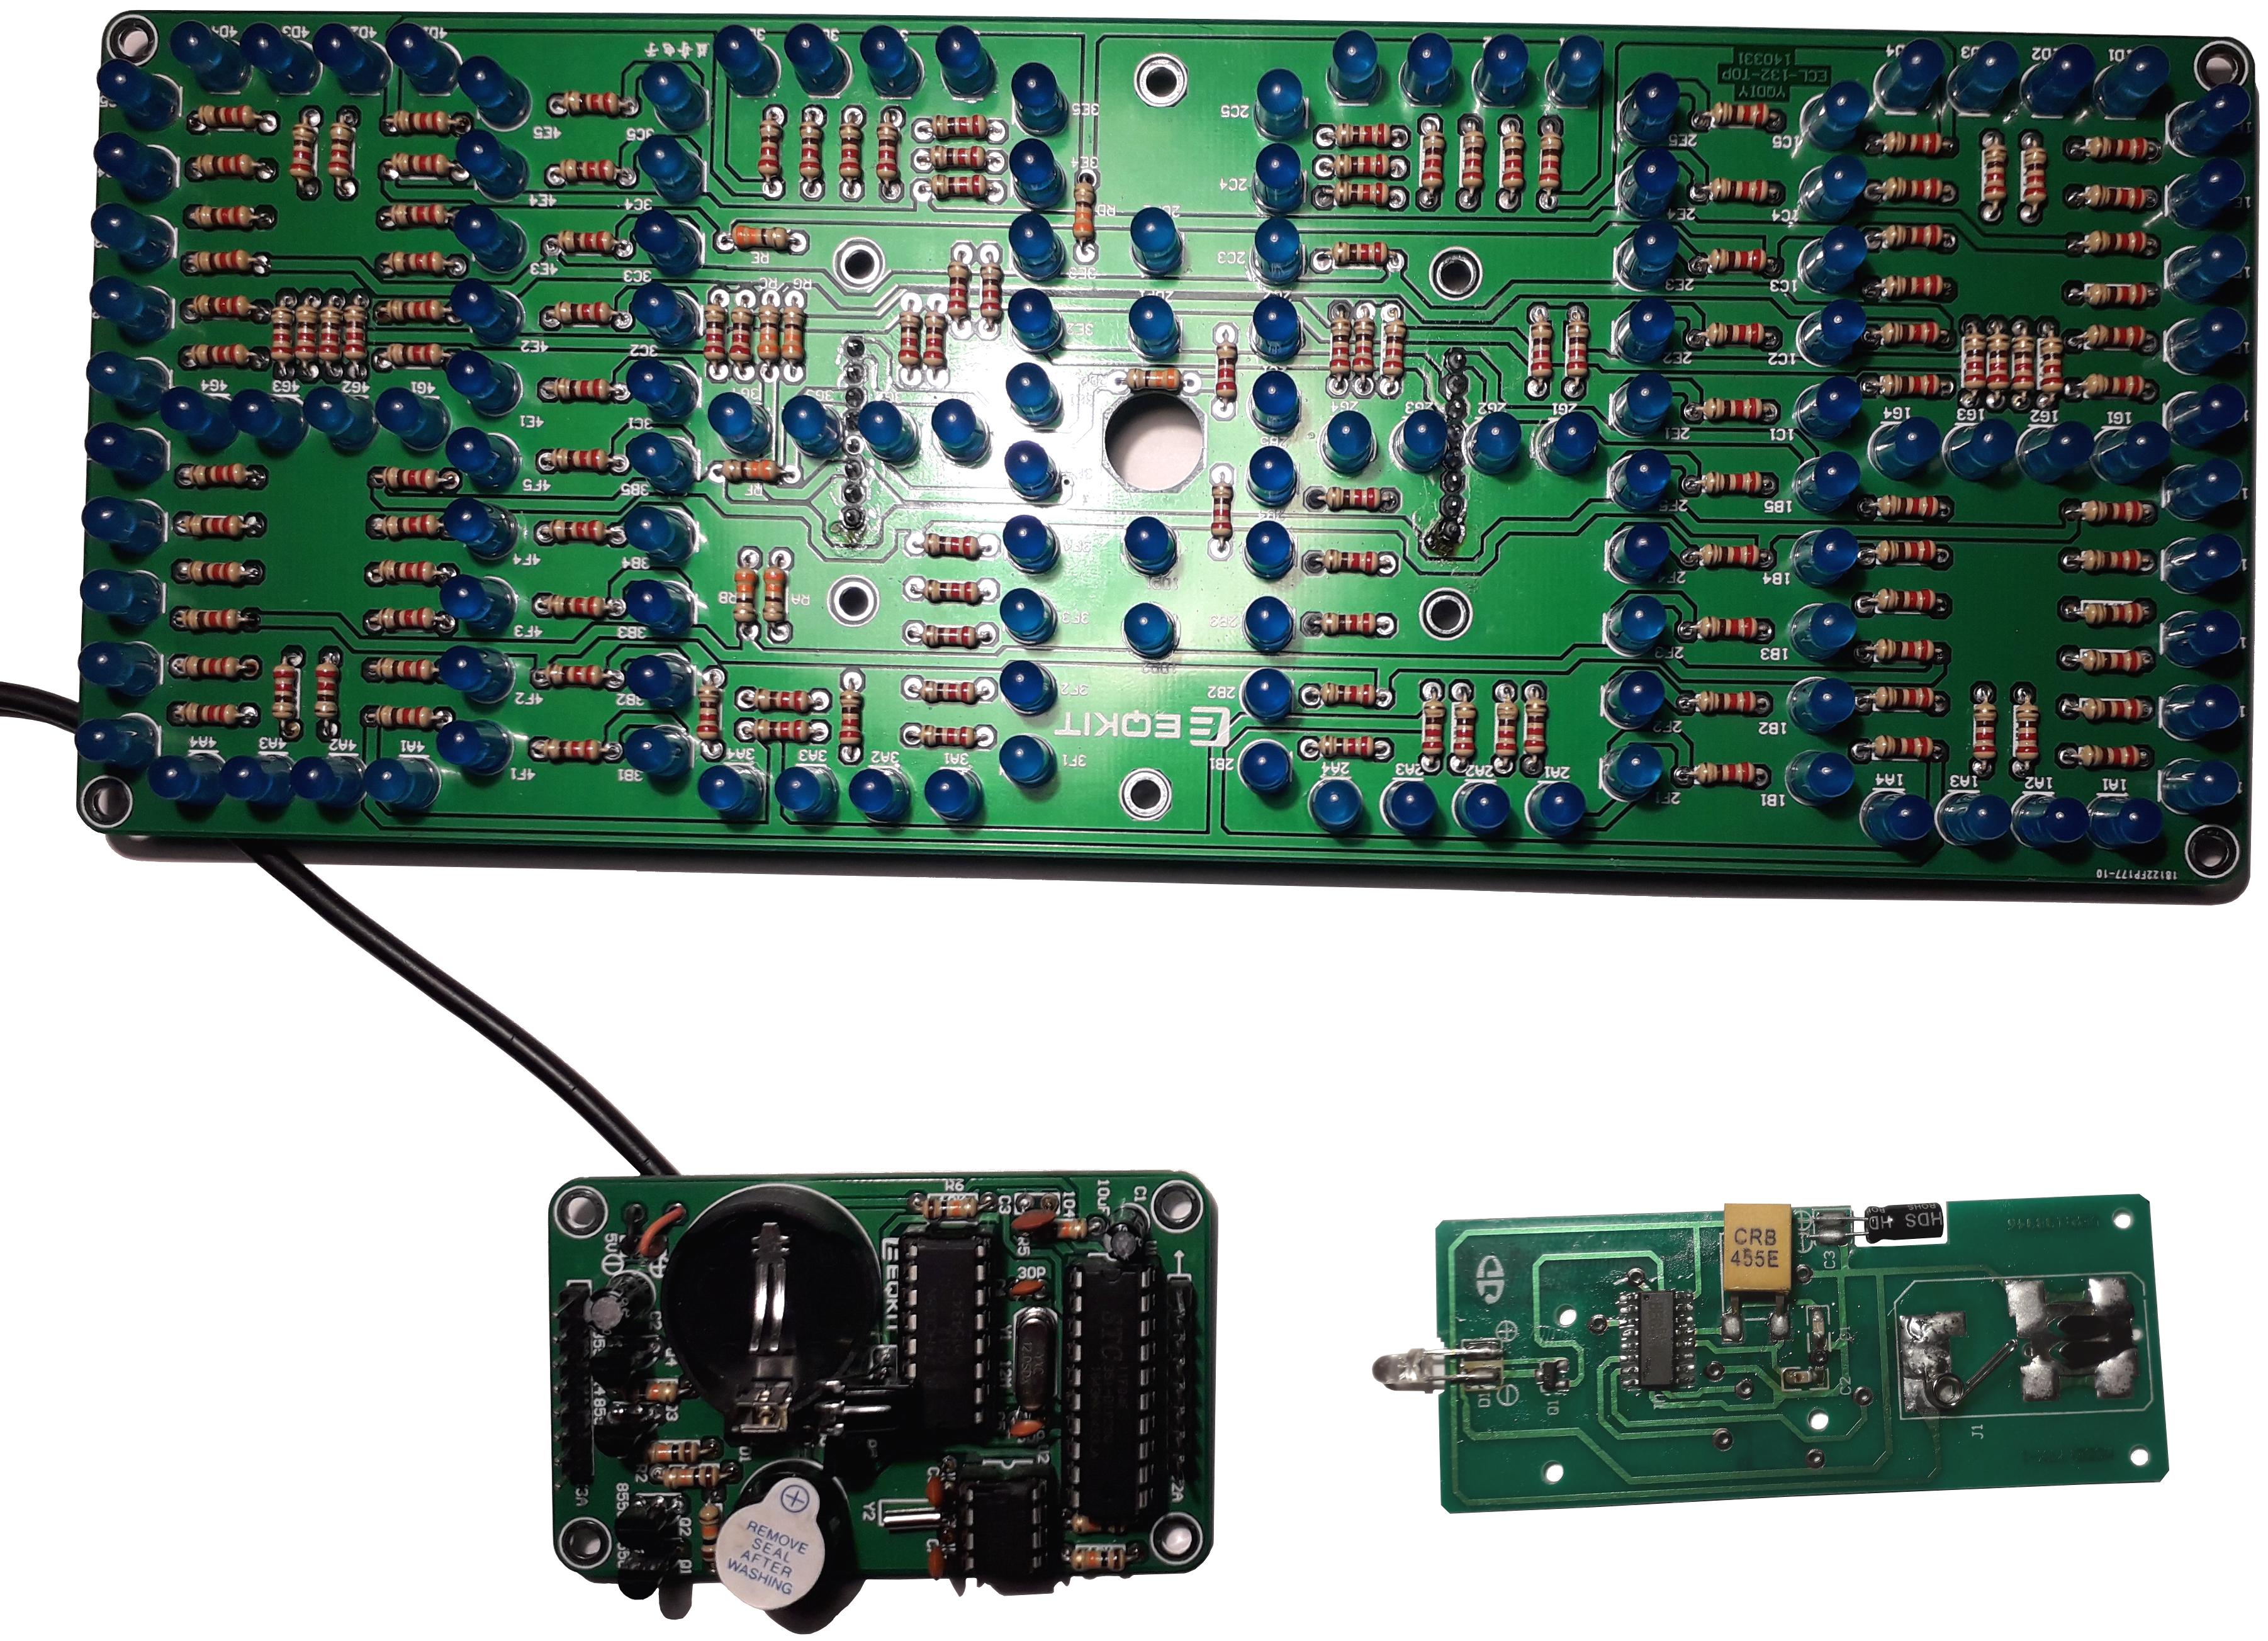 Электронные часы с пультом ДУ. Комплект: платы + компоненты.